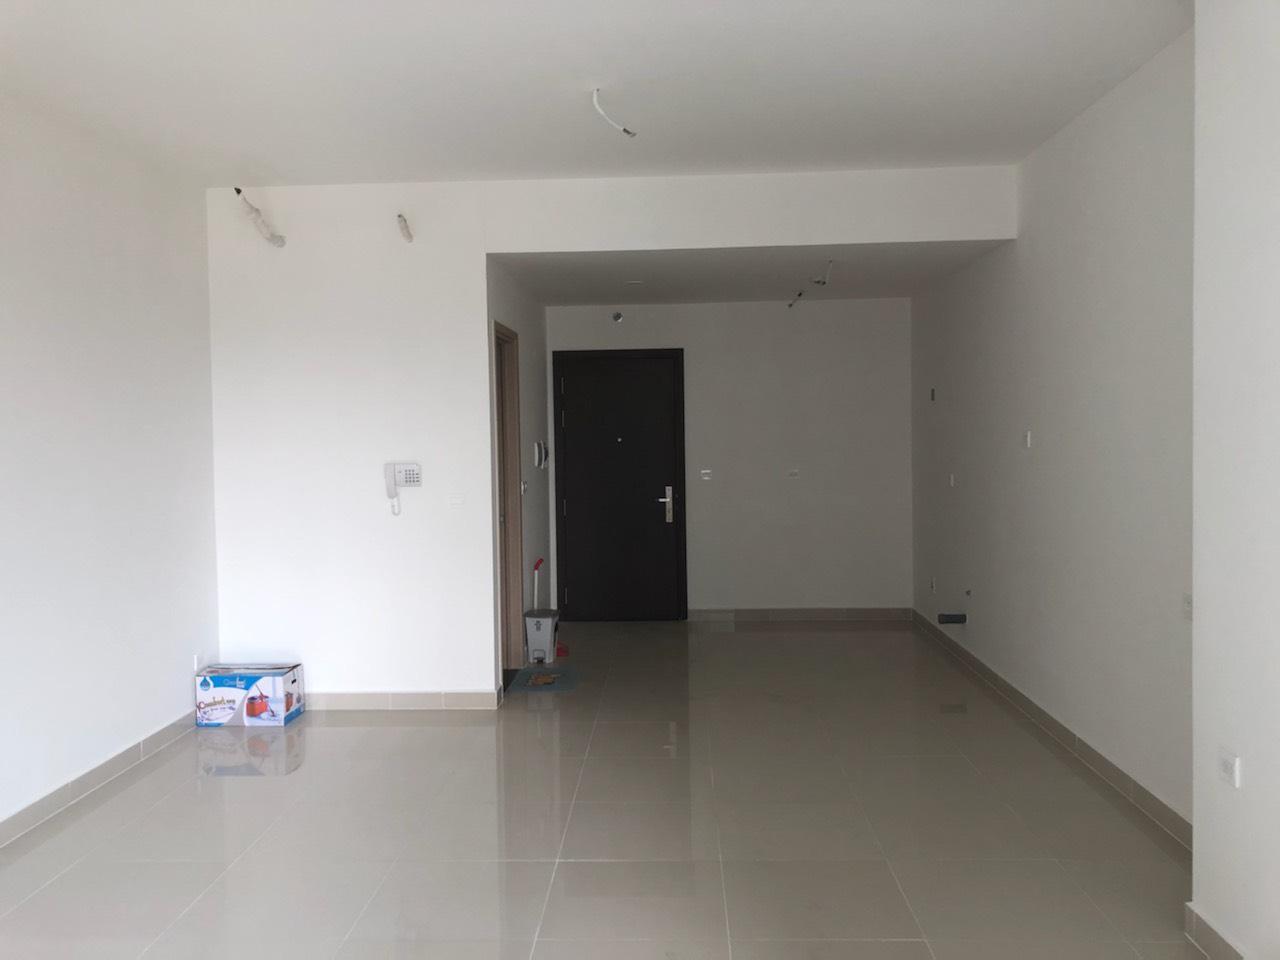 Gia đình tôi cần tiền trả nợ ngân hàng bán nhanh 1 căn Officetel giá tốt thị trường thuộc dự án Sunrise City View Nguyễn Hữu Thọ, P.Tân Hưng liên hệ 0352161628 gặp vũ